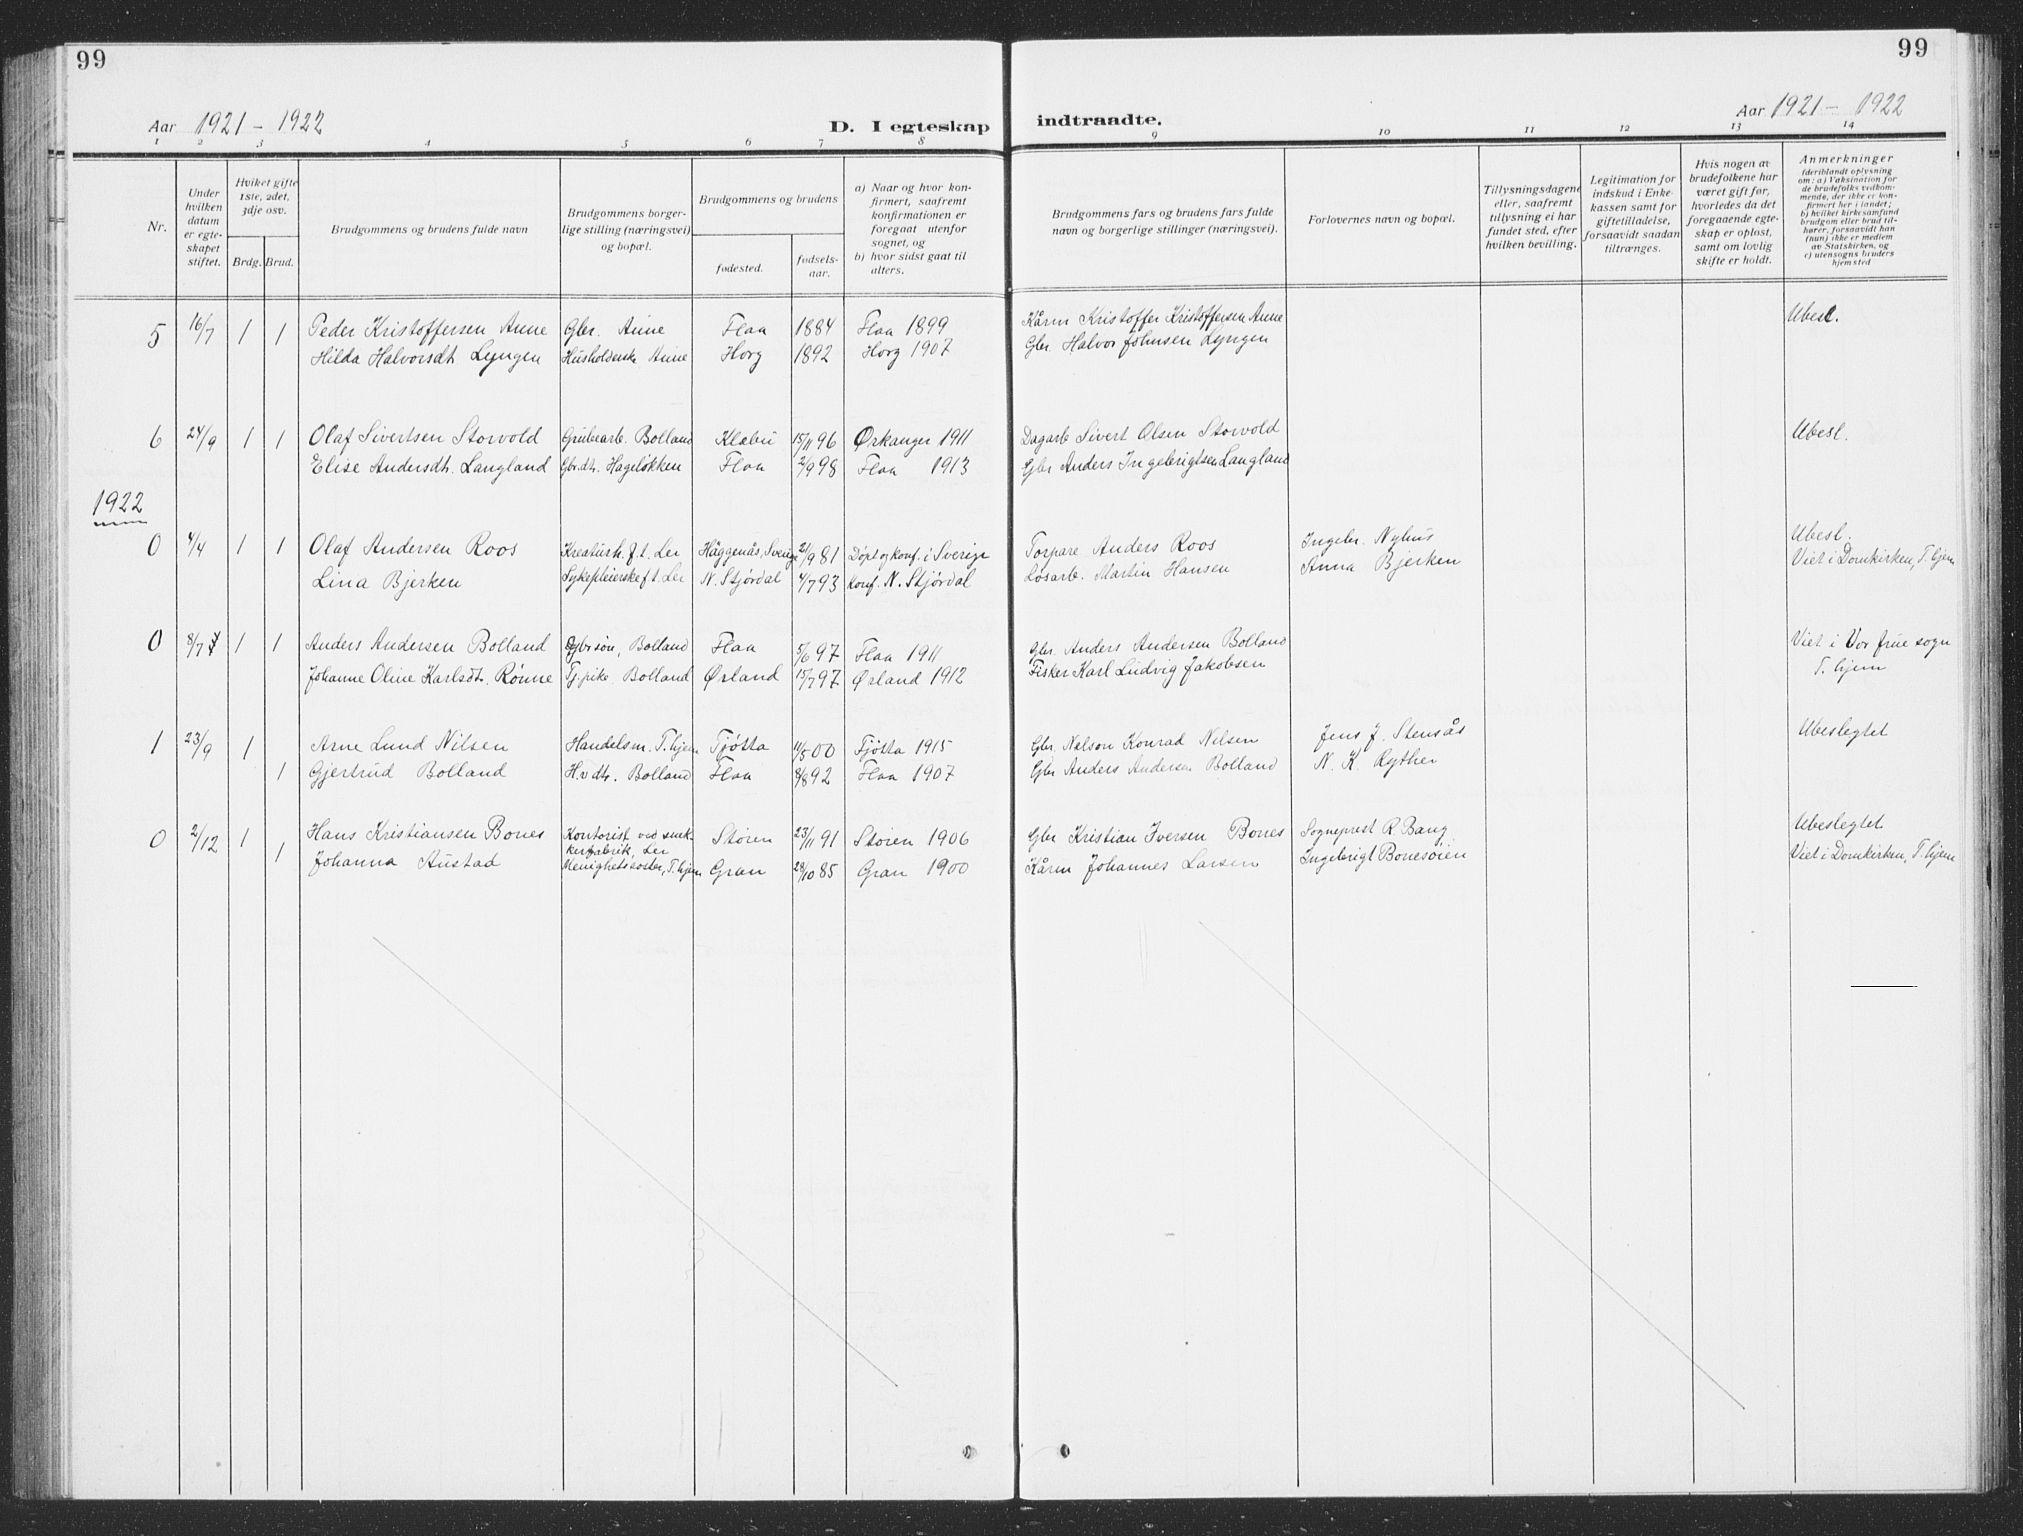 SAT, Ministerialprotokoller, klokkerbøker og fødselsregistre - Sør-Trøndelag, 693/L1124: Klokkerbok nr. 693C05, 1911-1941, s. 99